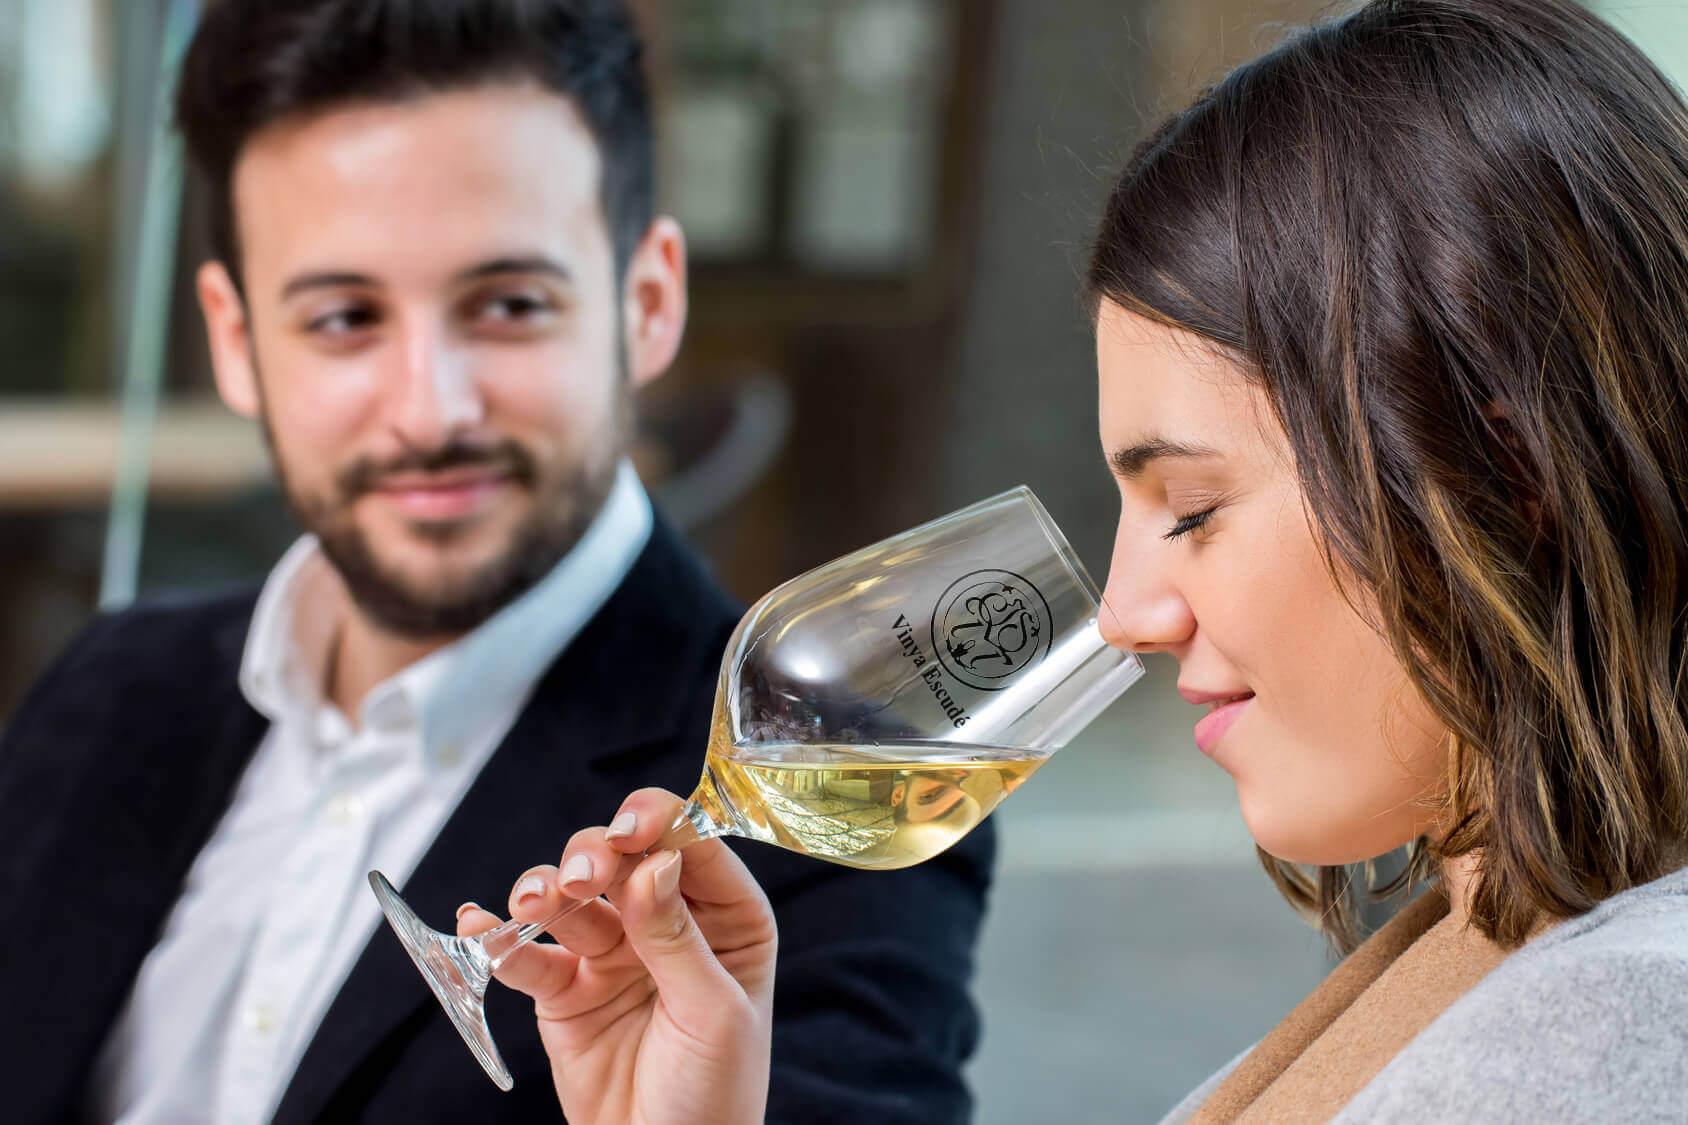 Pareja bebiendo una copa de vino blanco Mil Paraules Vinya Escudé